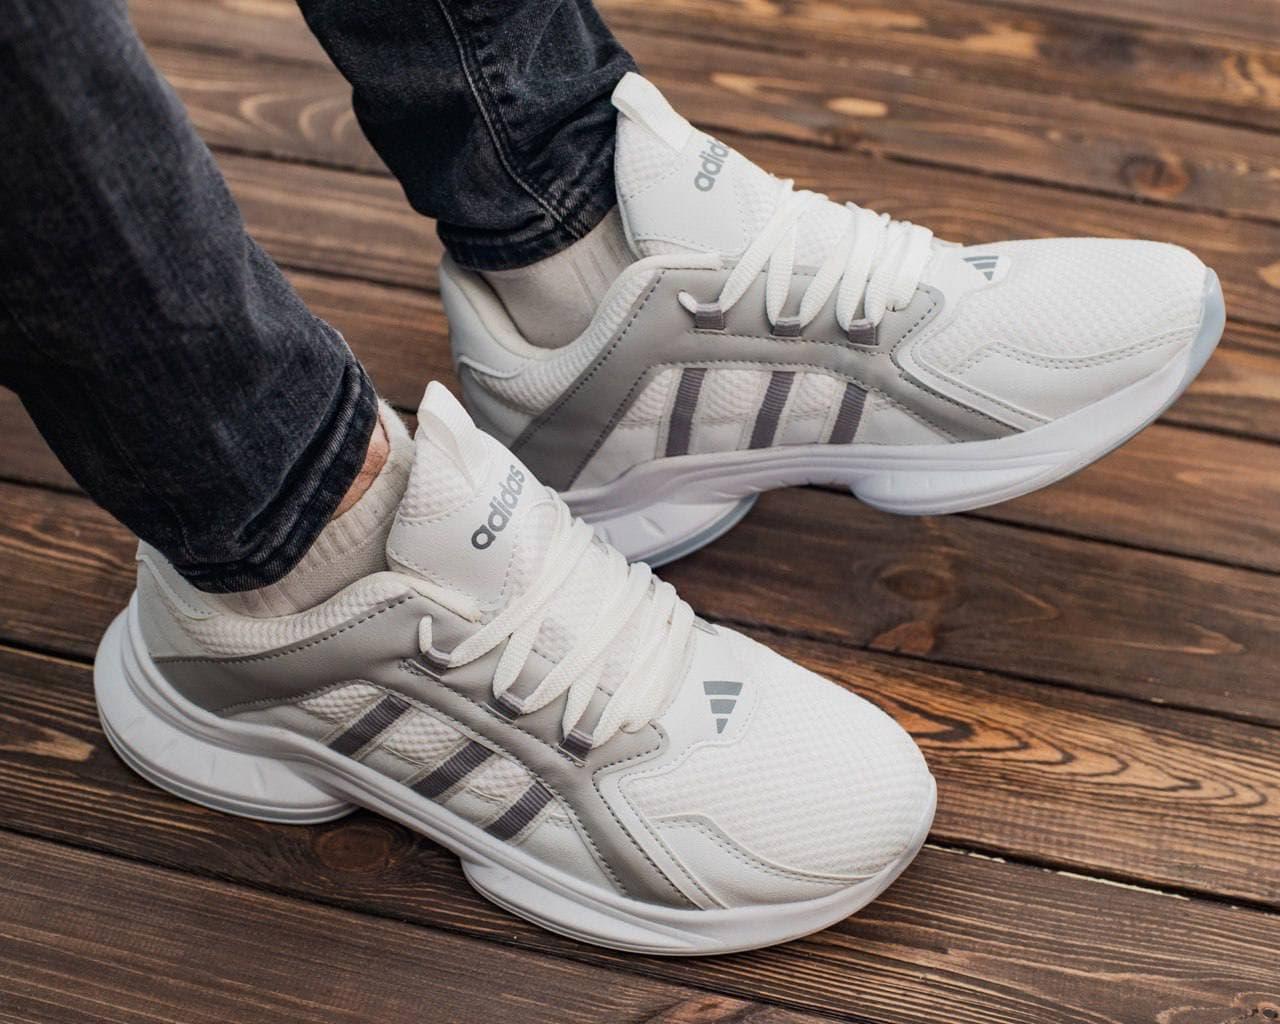 Мужские кроссовки Adid@s ZX , белые 40-44